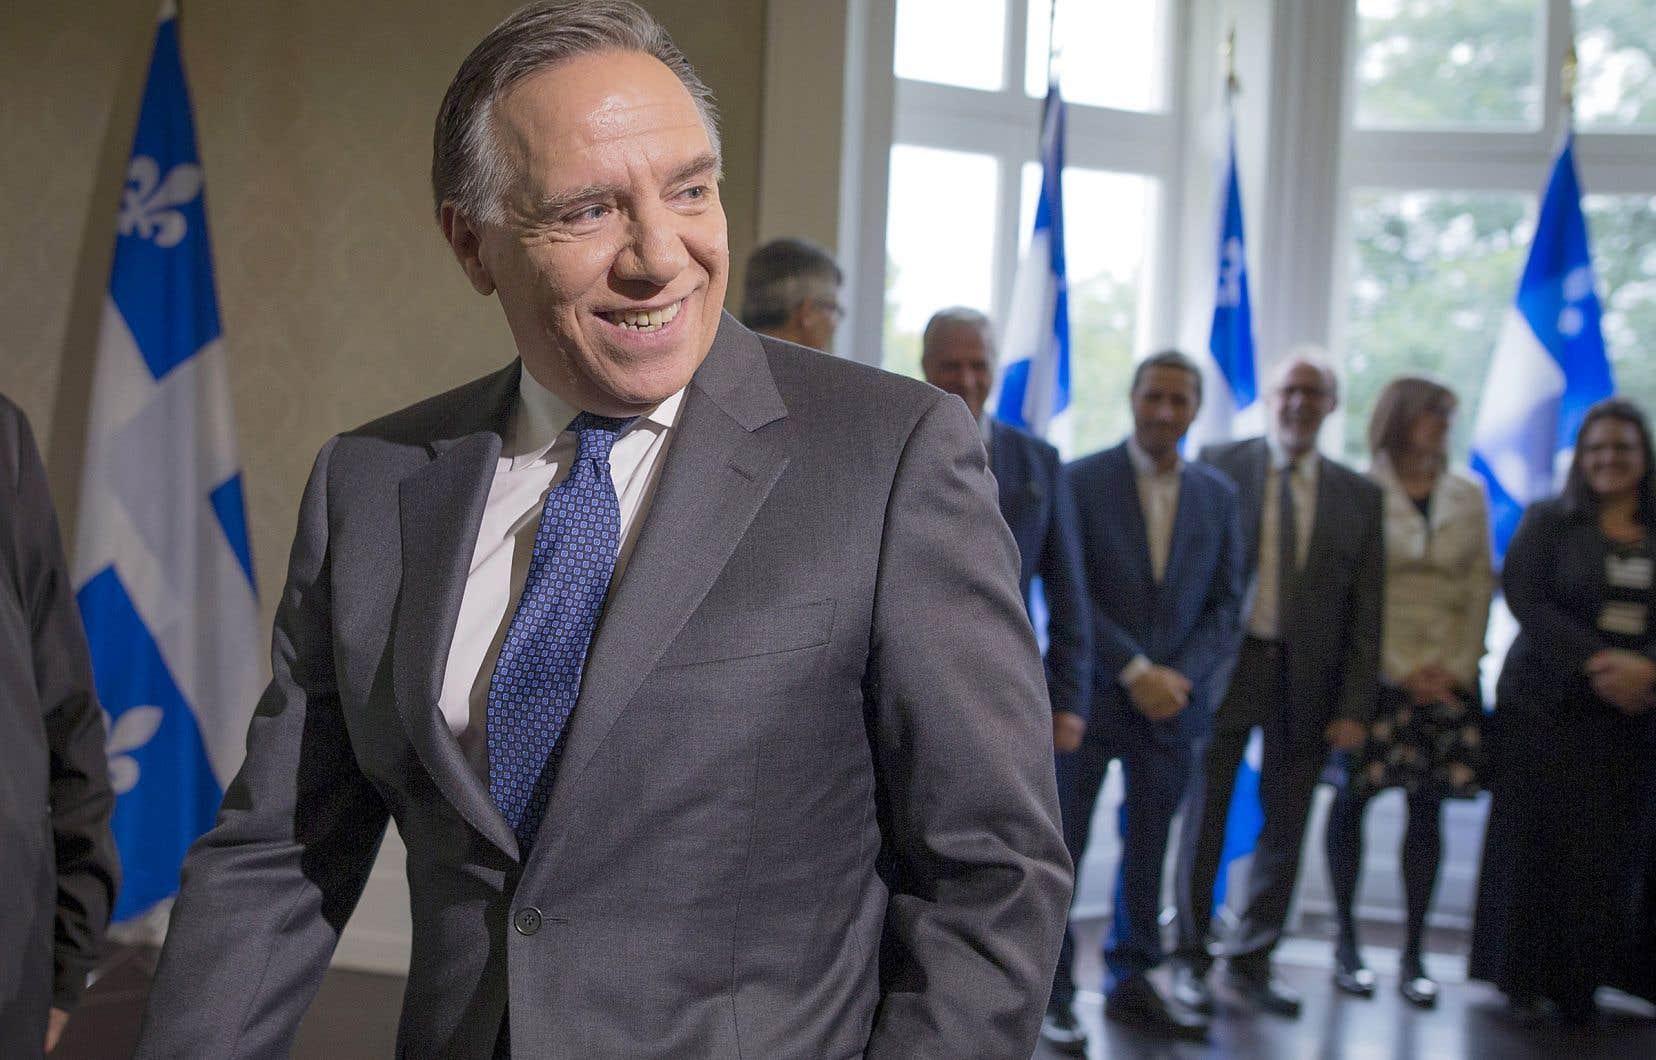 Le nouveau premier ministre québécois, au lendemain des élections générales du 1eroctobre. François Legault est parvenu à faire élire un gouvernement majoritaire.